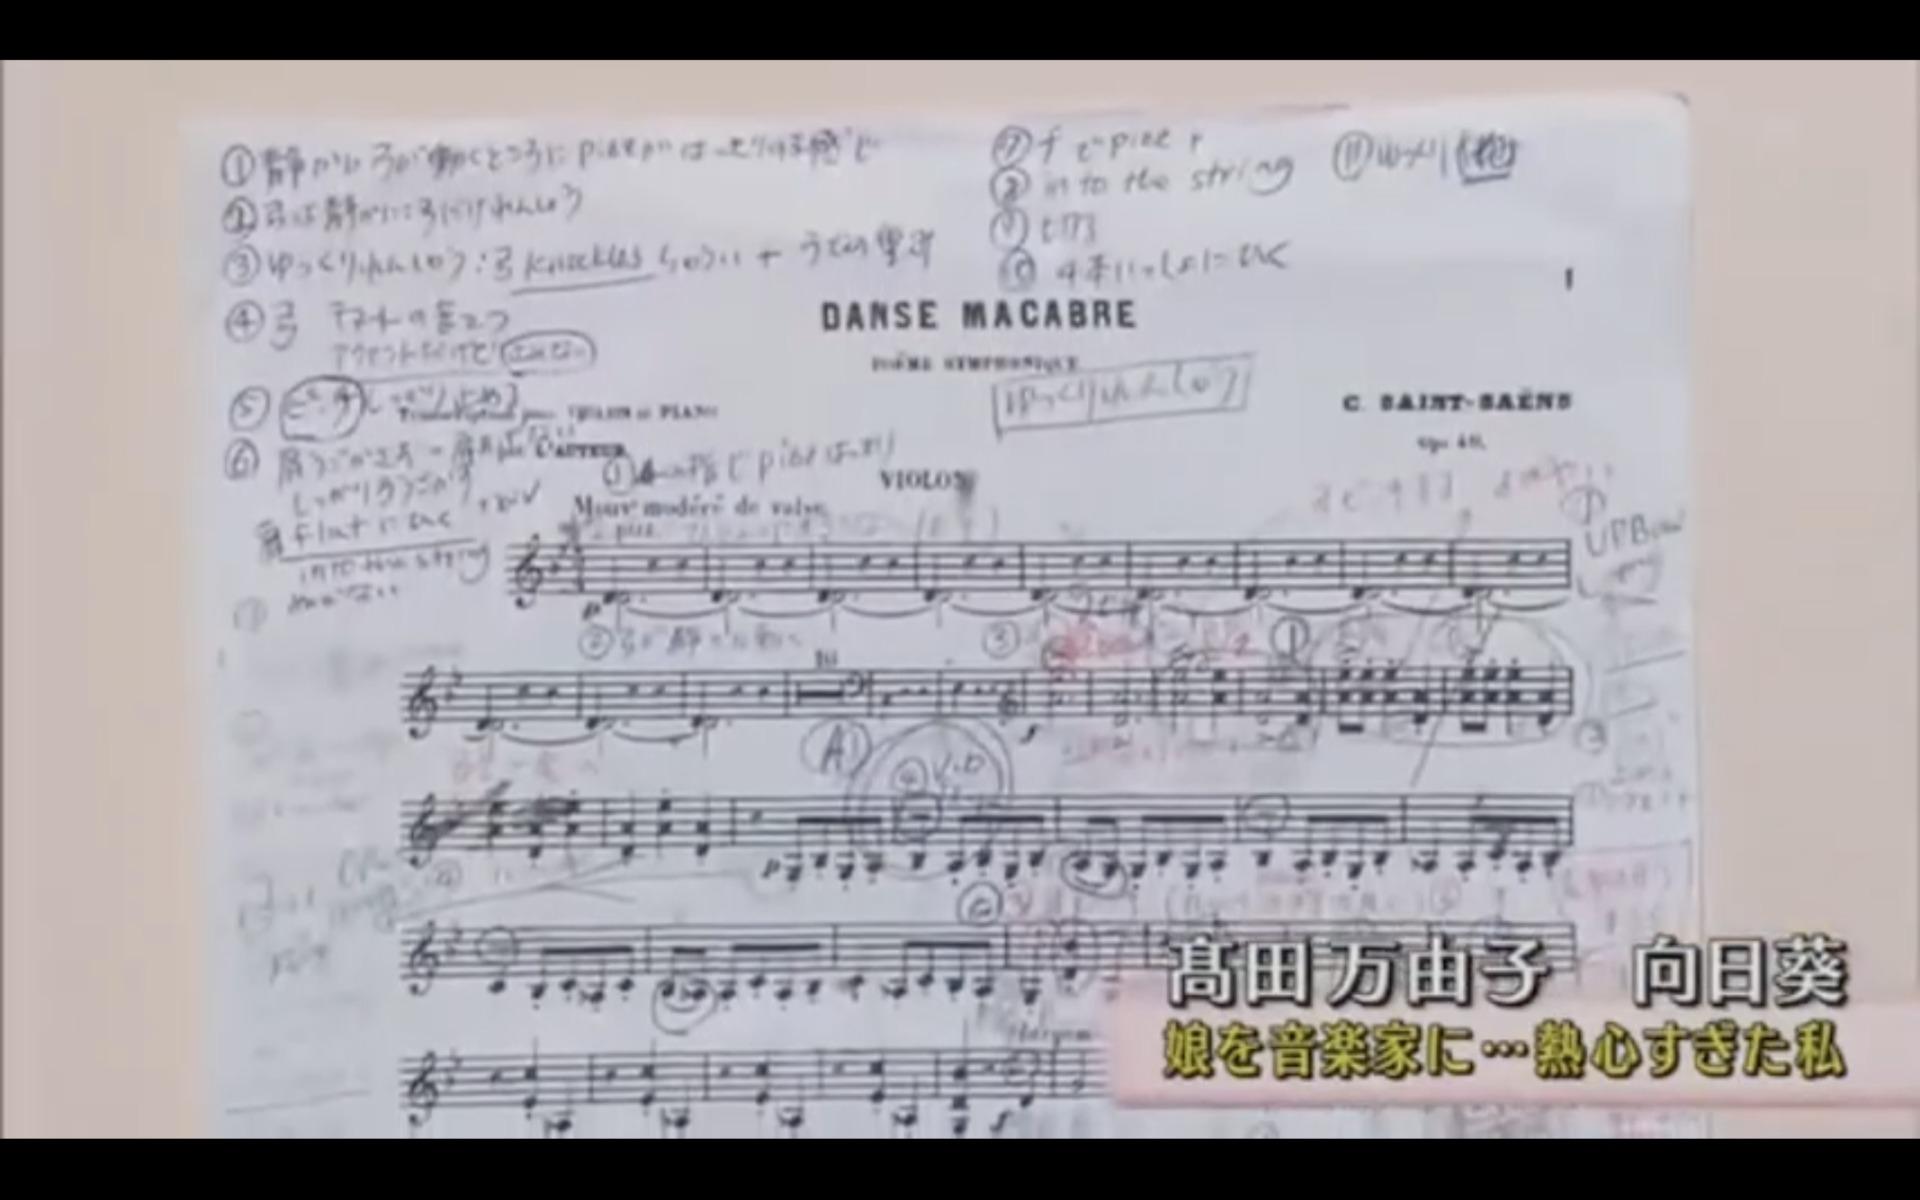 楽譜のメモ書き